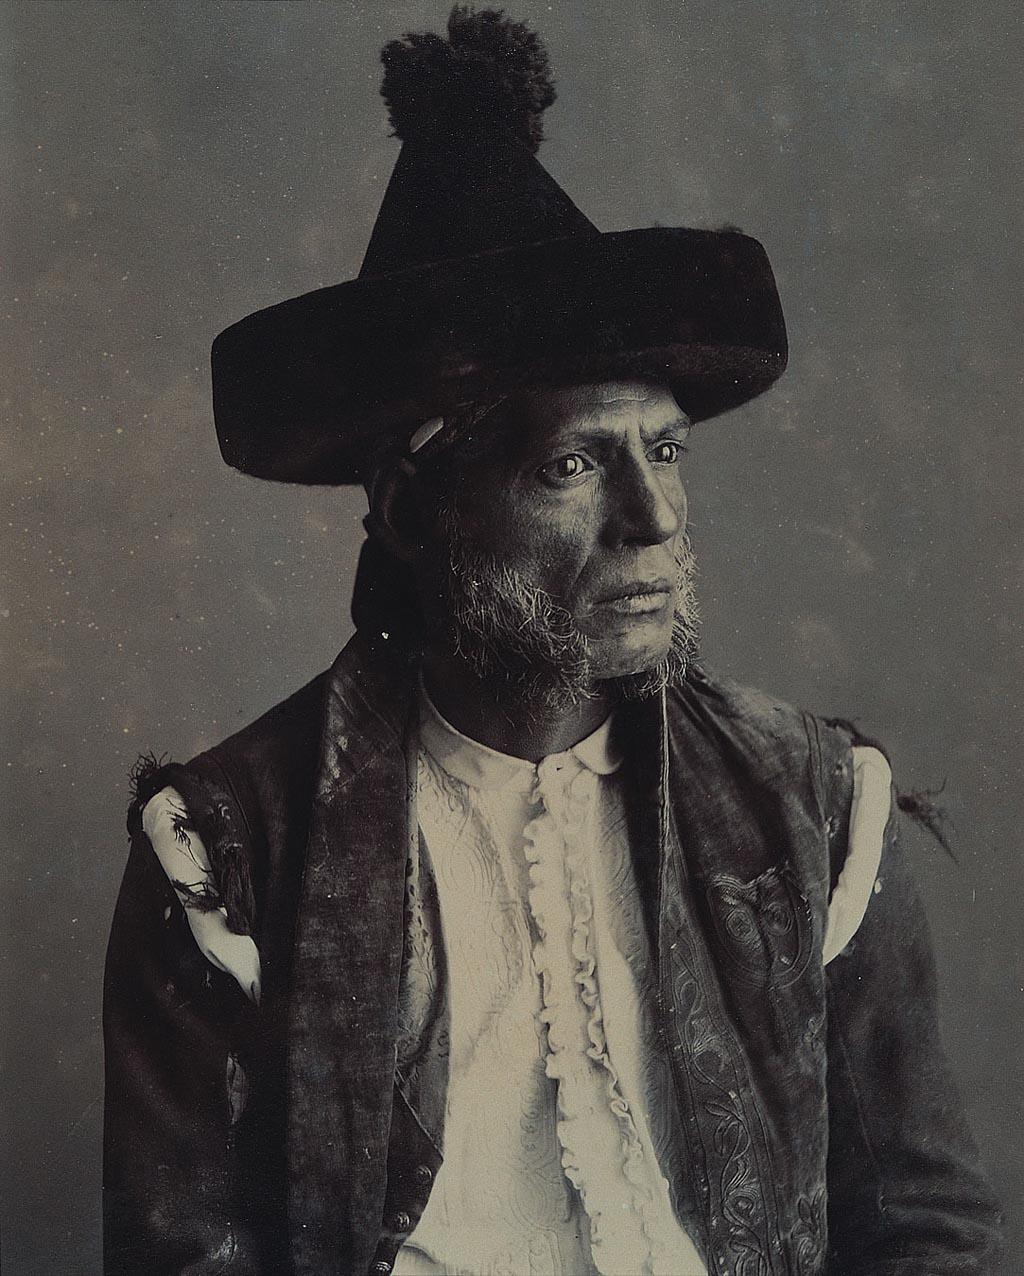 Sombrero de catite - Wikipedia, la enciclopedia libre